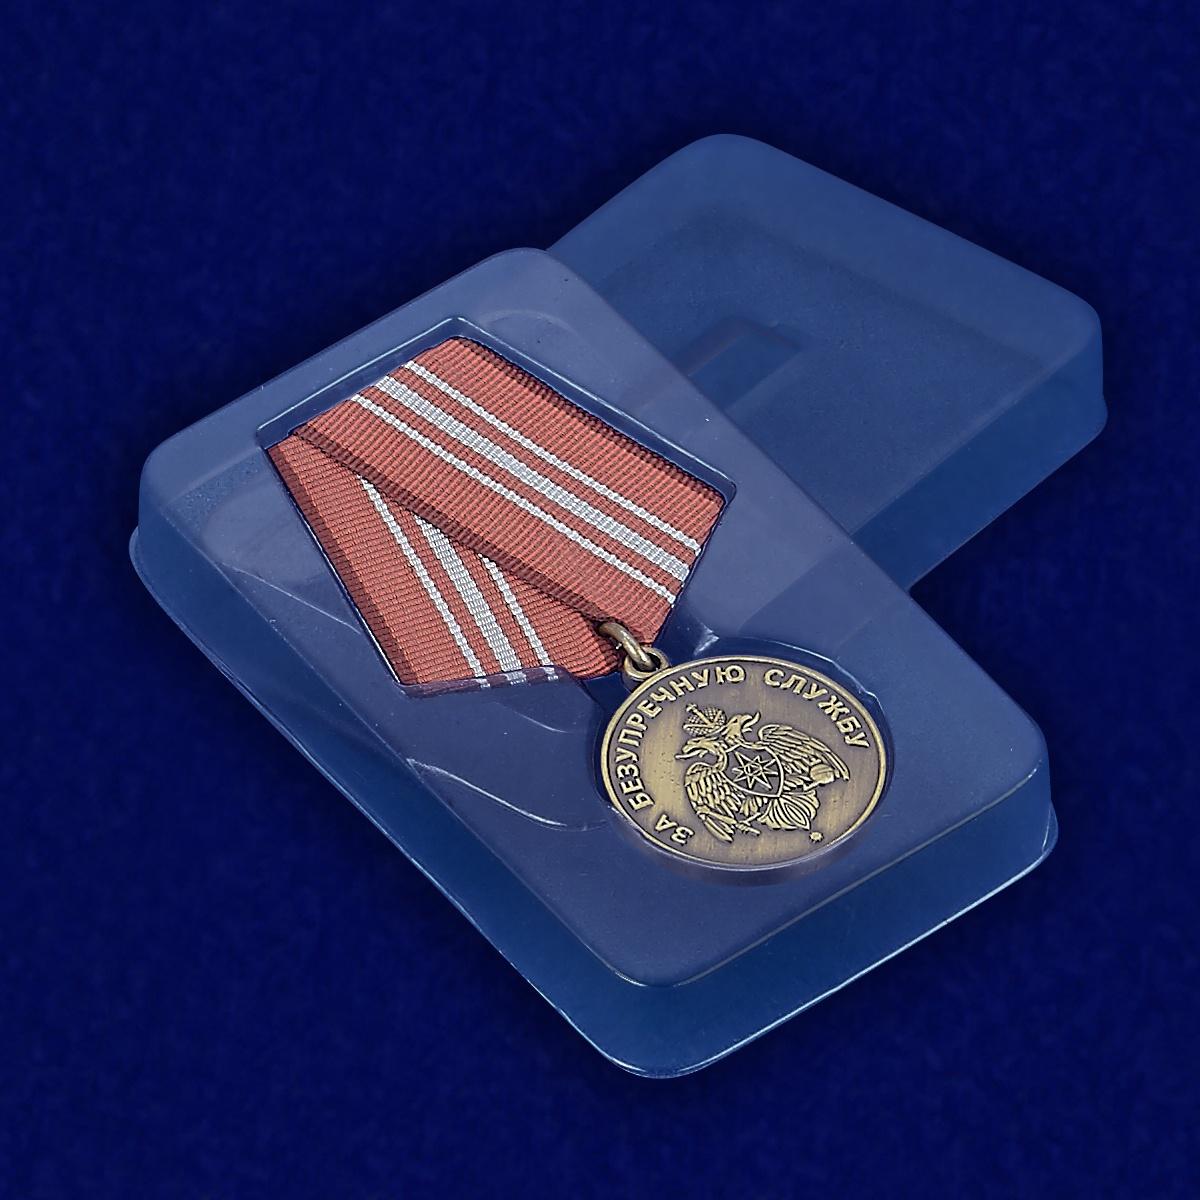 Медаль МЧС России «За безупречную службу» - вид в футляре